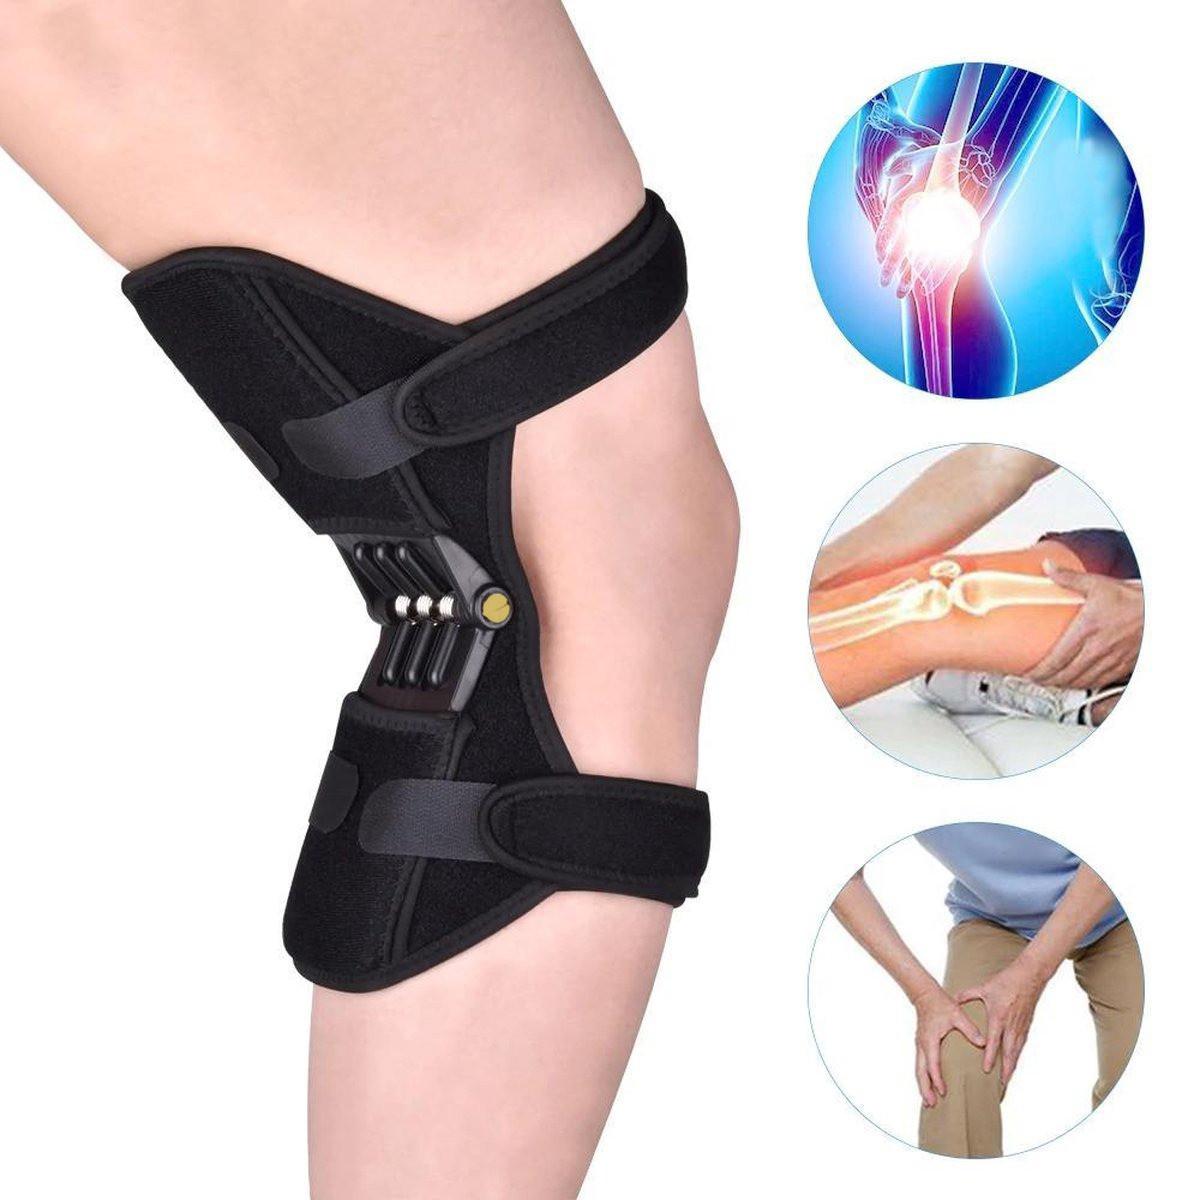 Підсилювач колінного суглоба NASUS PowerKnee, підтримка коліна | усилитель коленного сустава